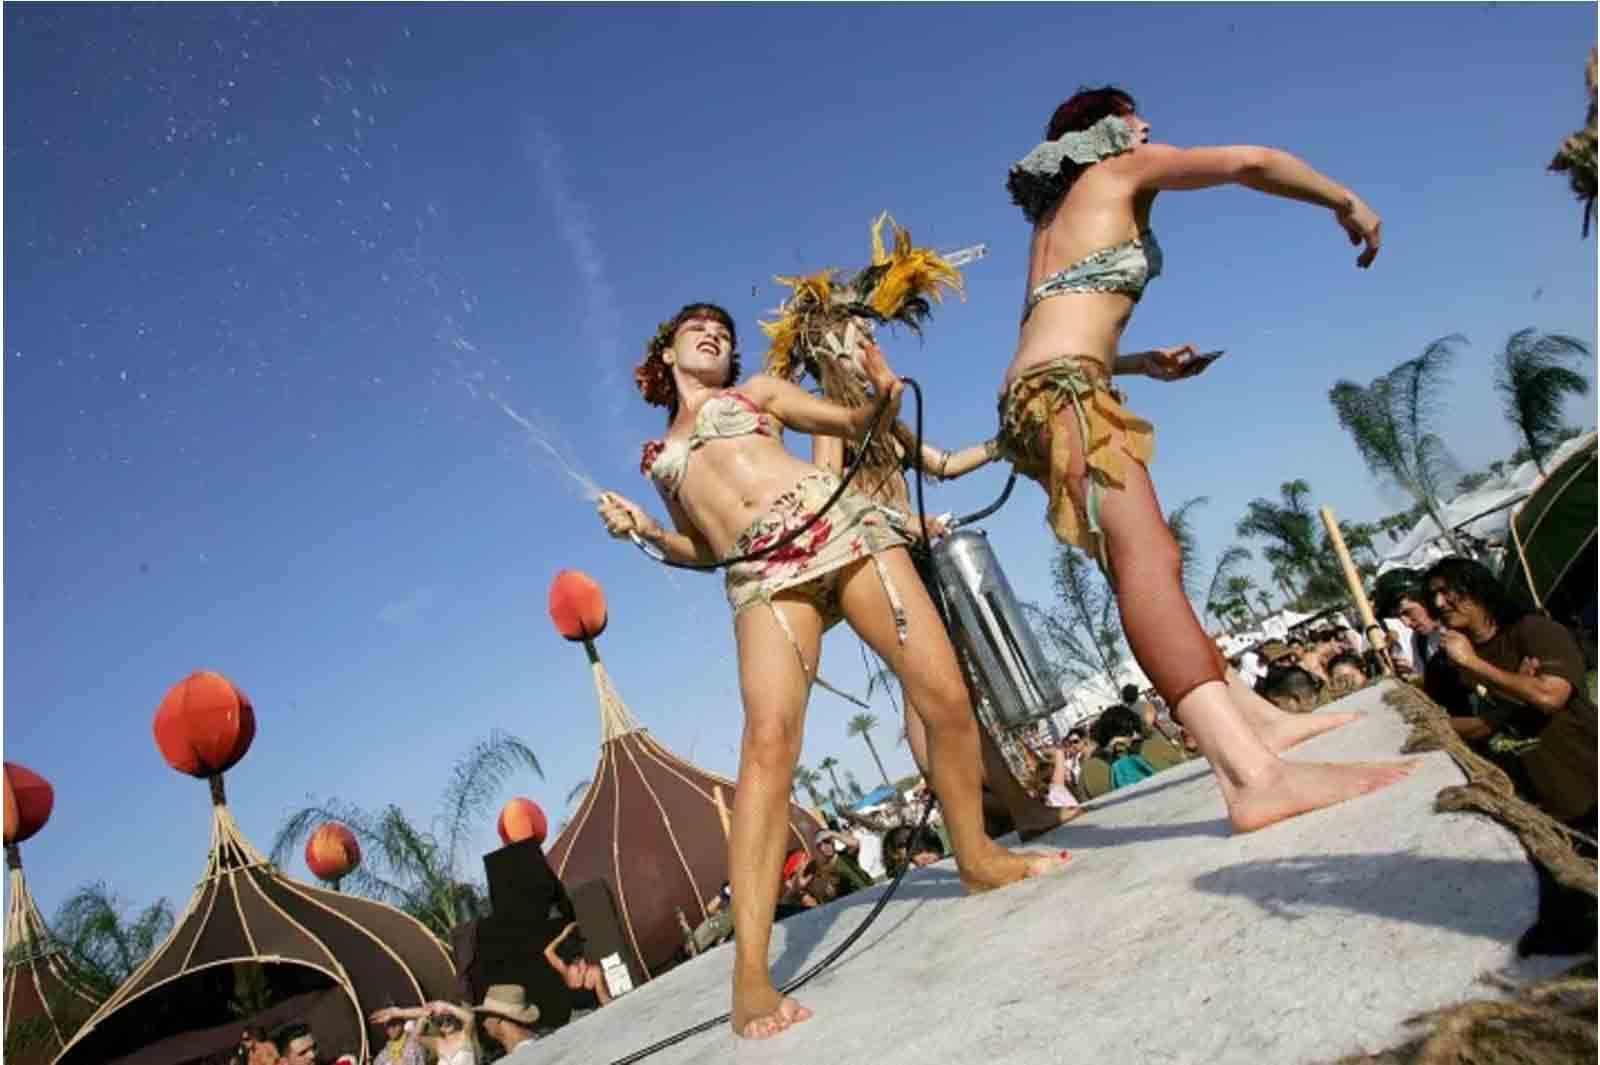 Coachella Festivali'nin 10 yıl önceki hali